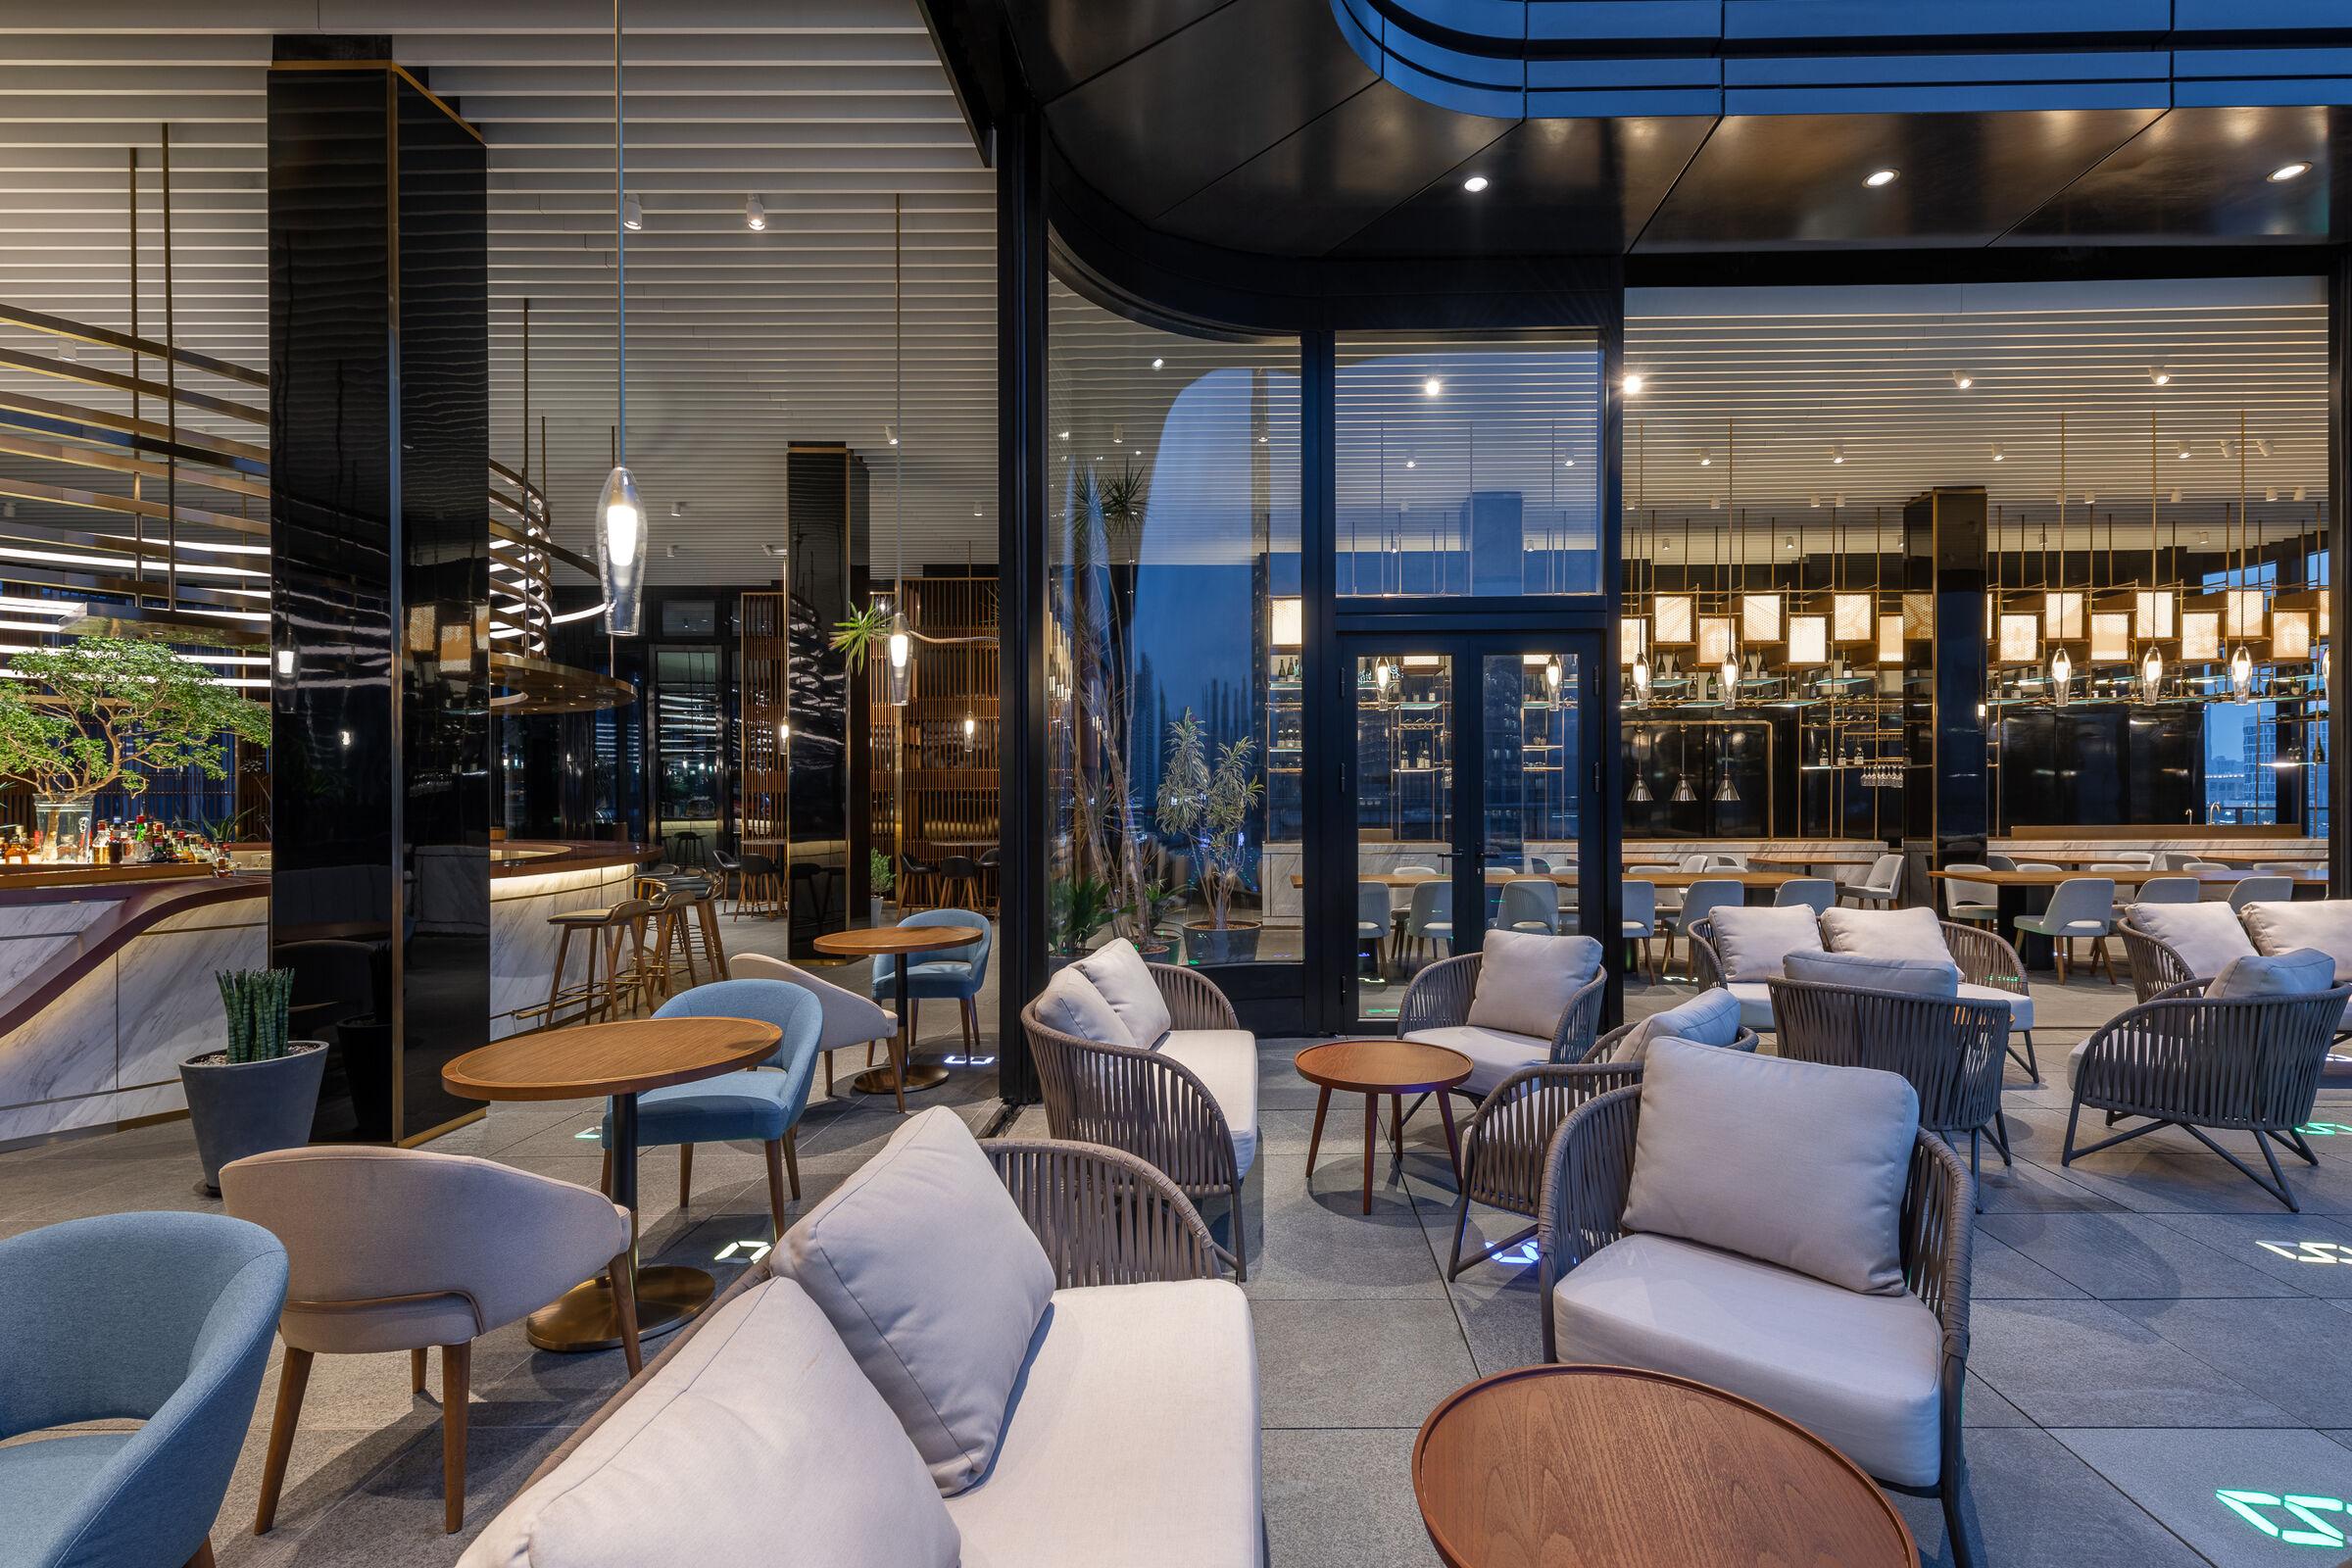 12-dialogue between outdoor terrace and indoor seats-室外平台与室内空间的对话.jpg